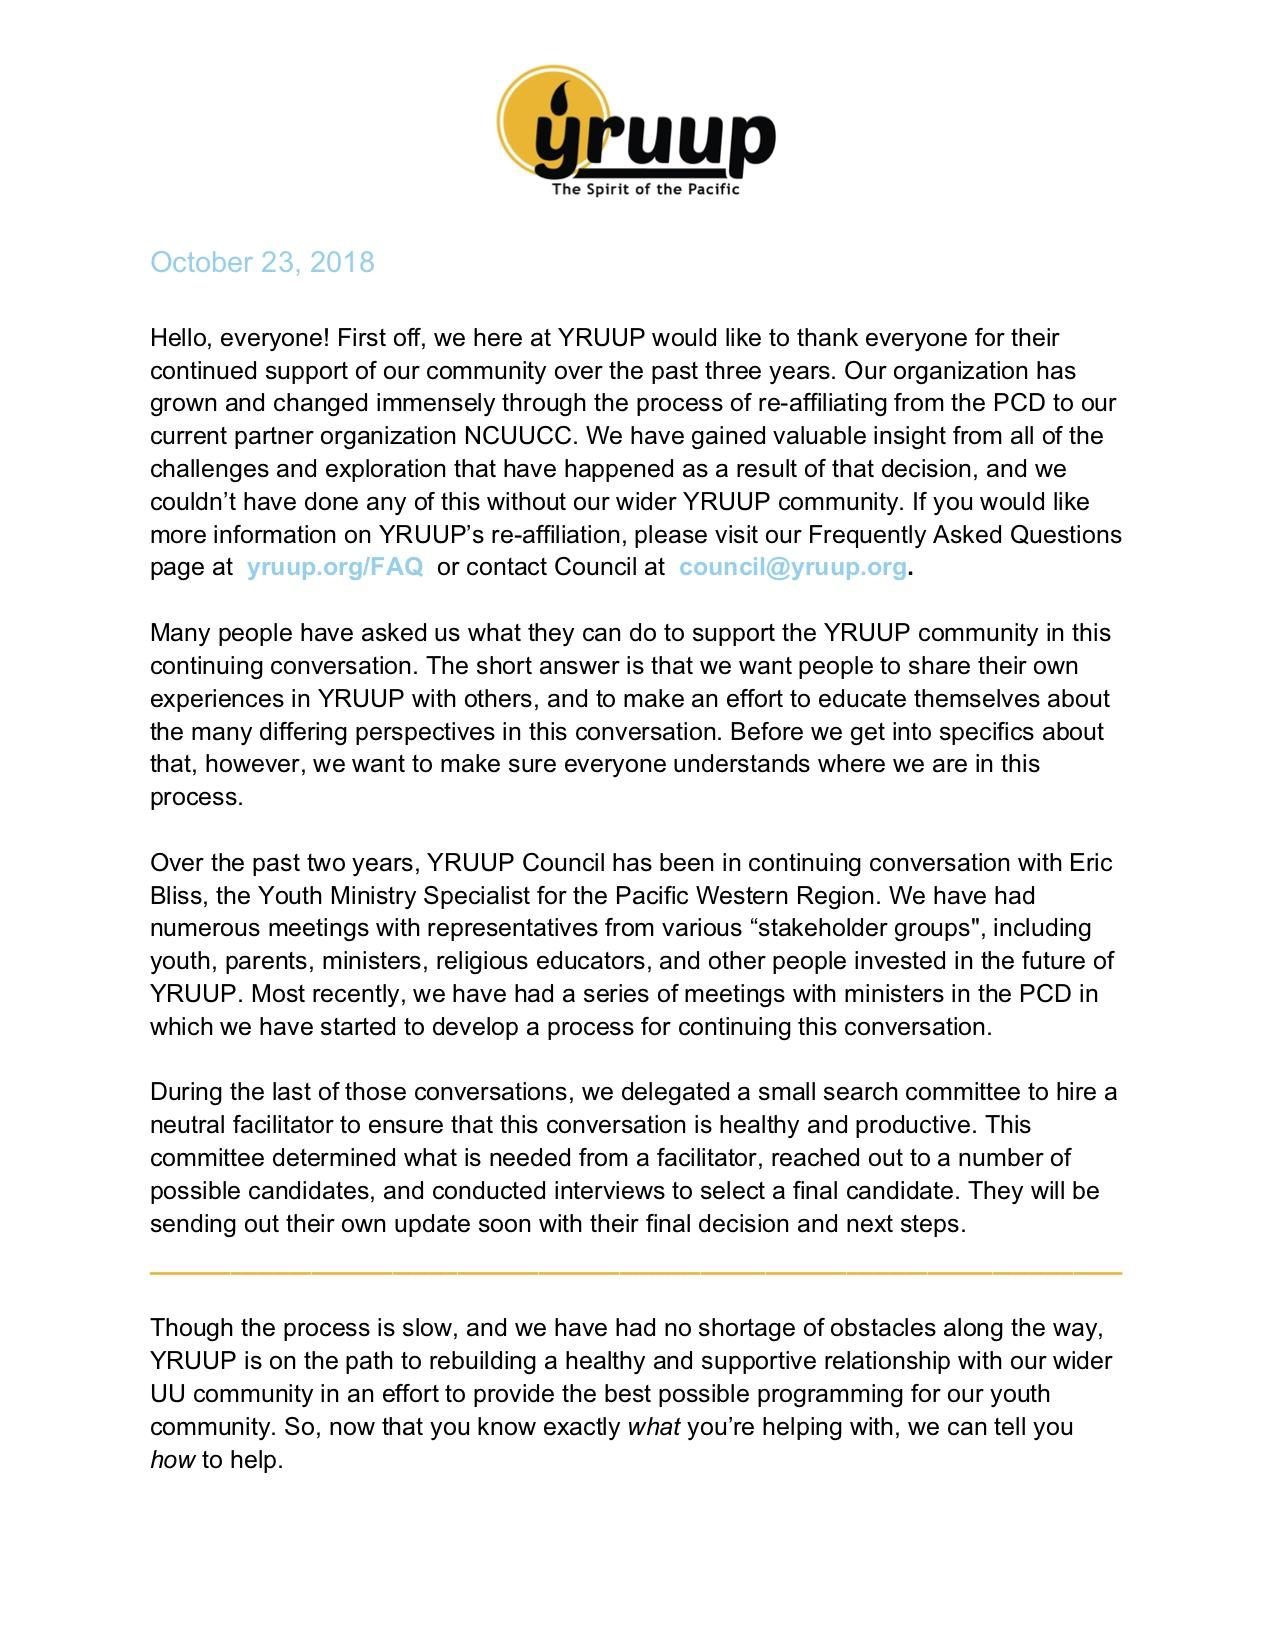 Ally Update Letter.jpg